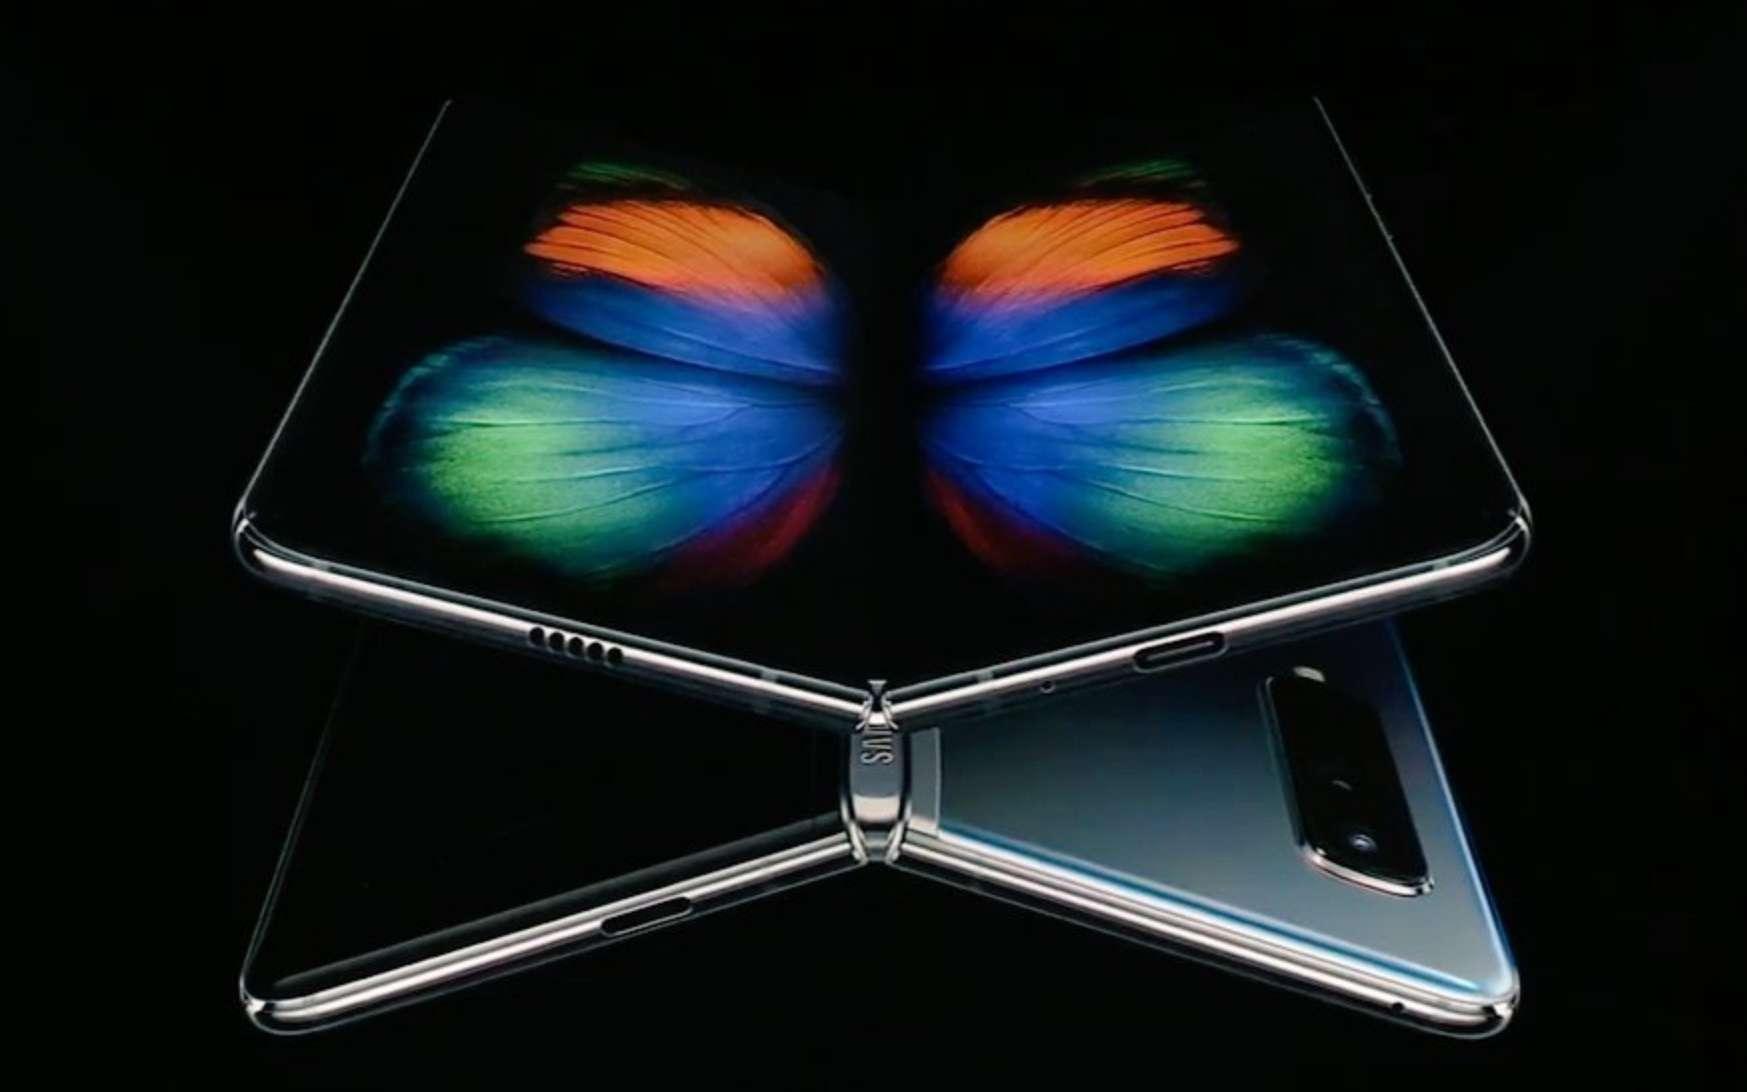 Le bel écran pliable du Galaxy Fold ne peut être utilisé sans le film de protection. Samsung n'avait pas insisté dessus. © Samsung